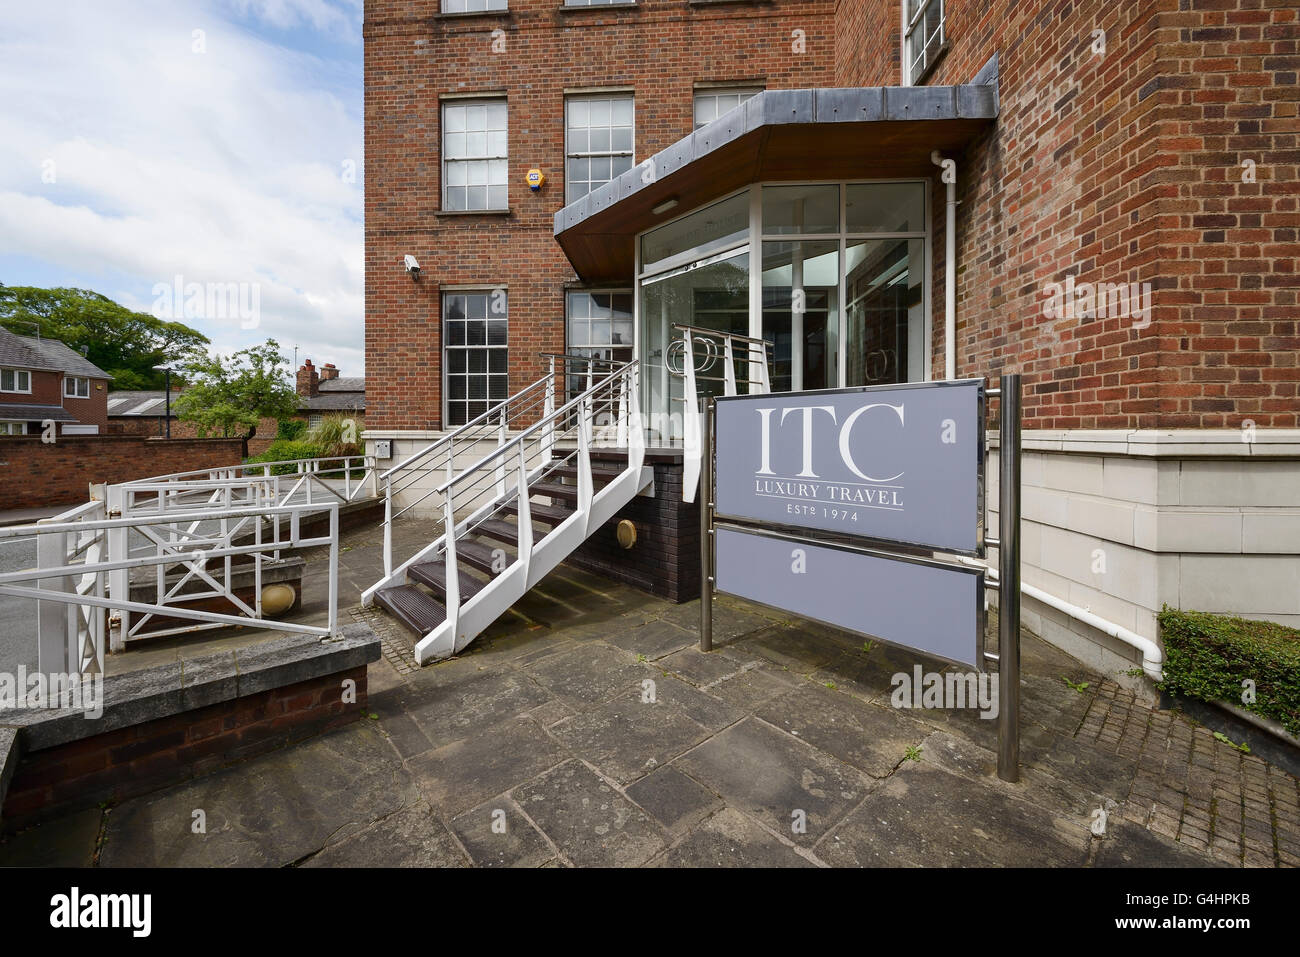 L'extérieur du bureau de l'agence de voyages de luxe qui disposent d'ITC dans un documentaire de Photo Stock